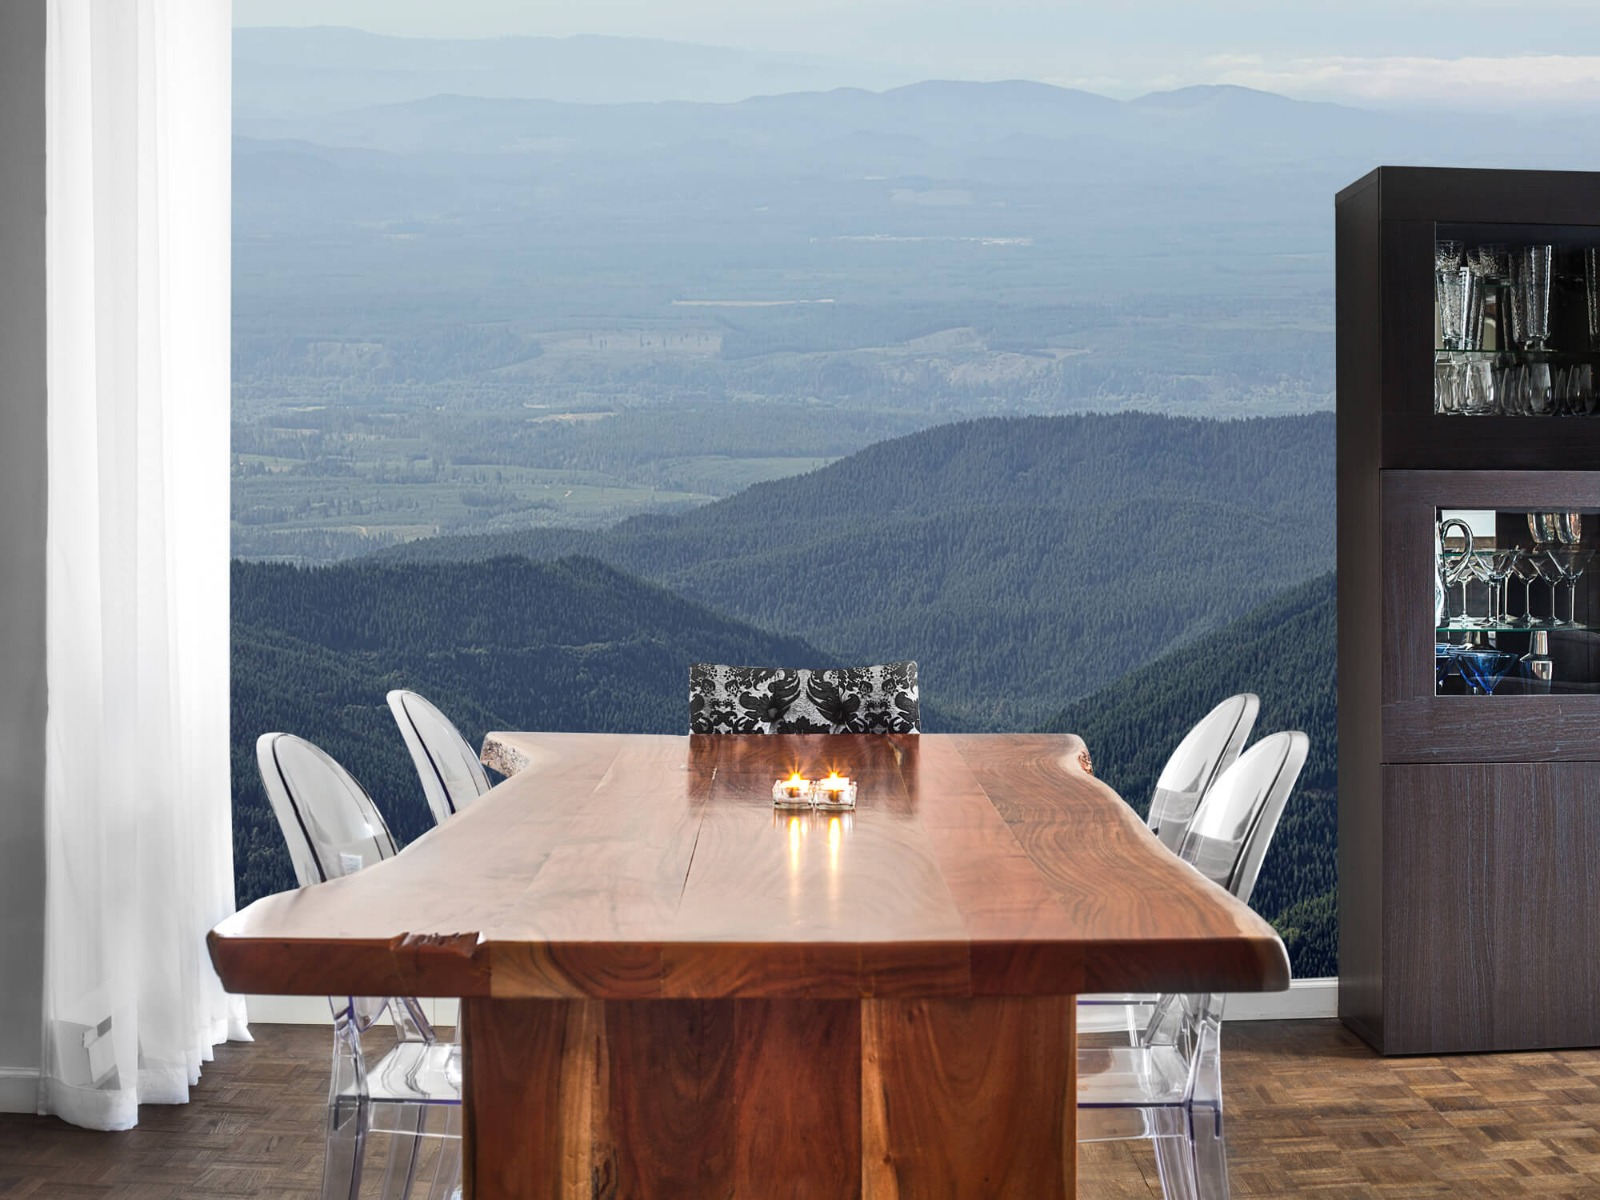 Bergen - Uitzicht vanuit de bergen - Woonkamer 2